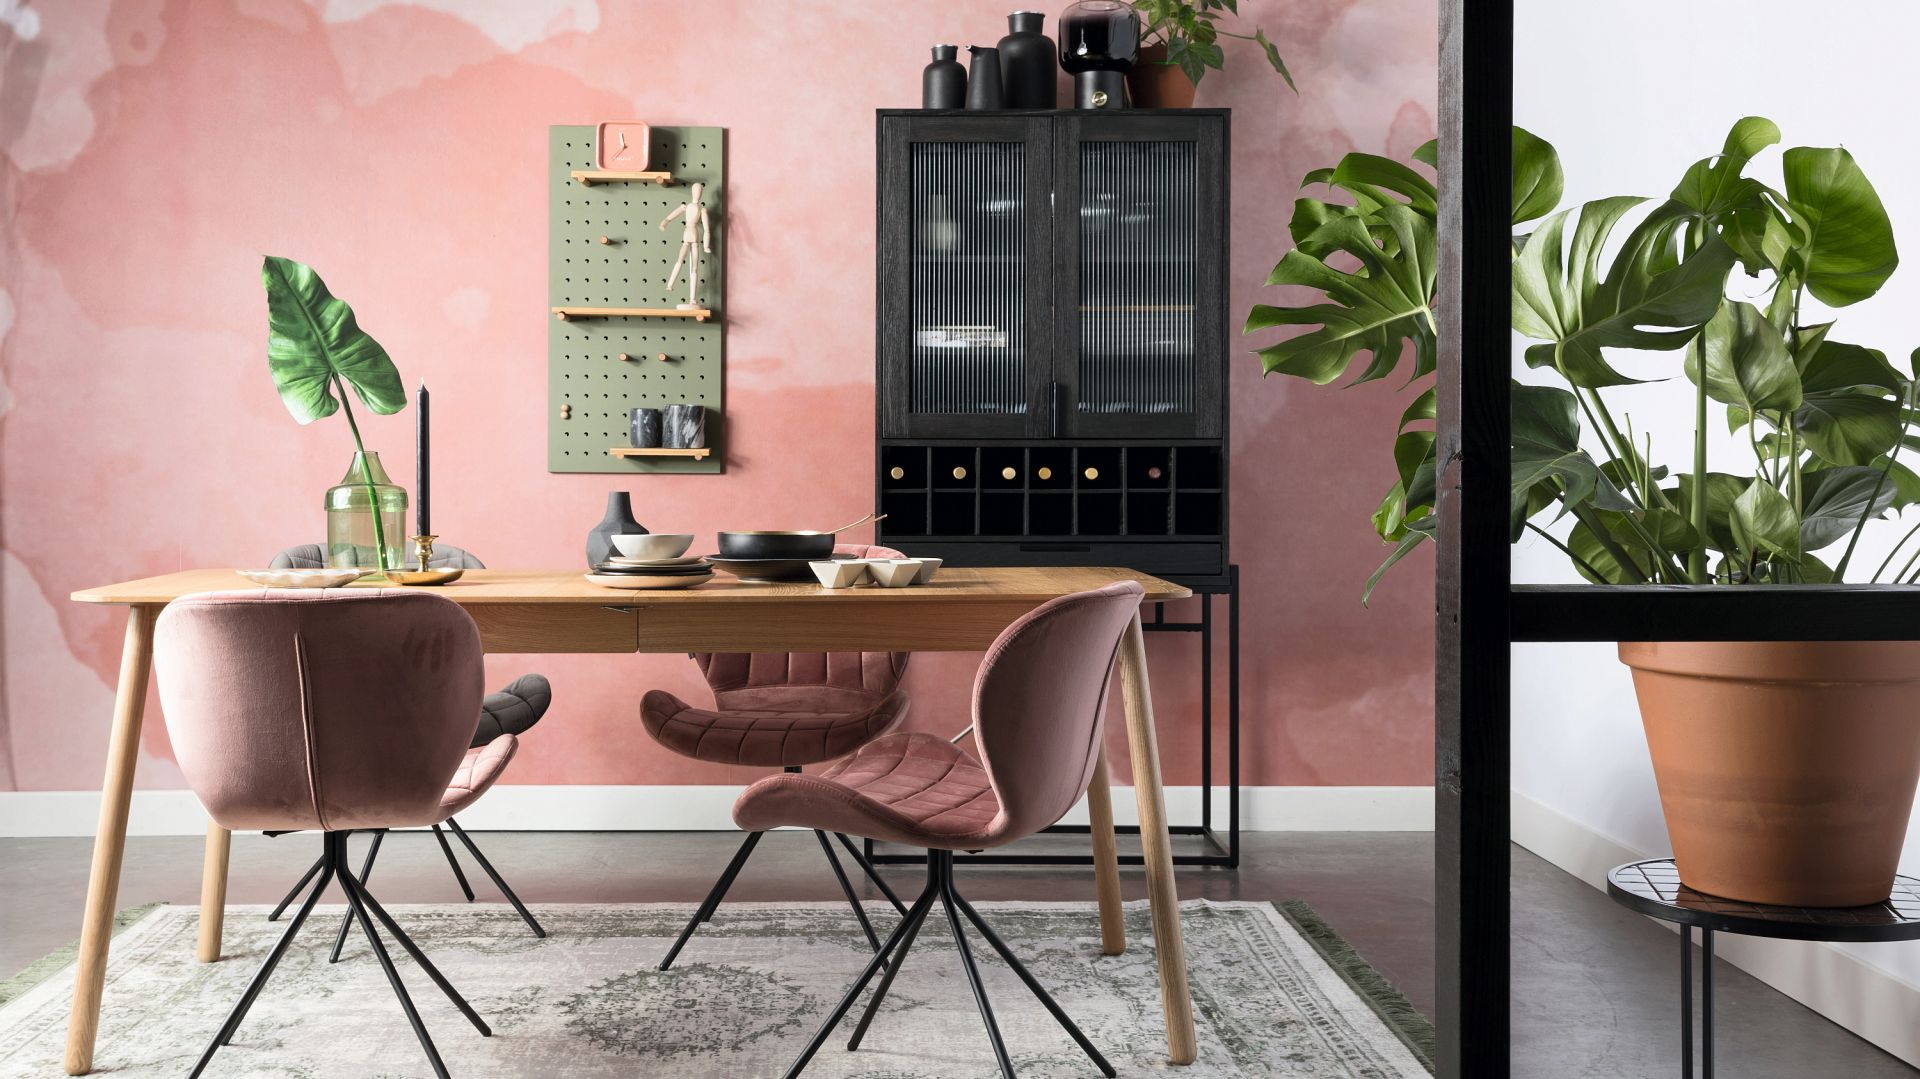 Krzesło z kolekcji OMG. Fot. Zuiver